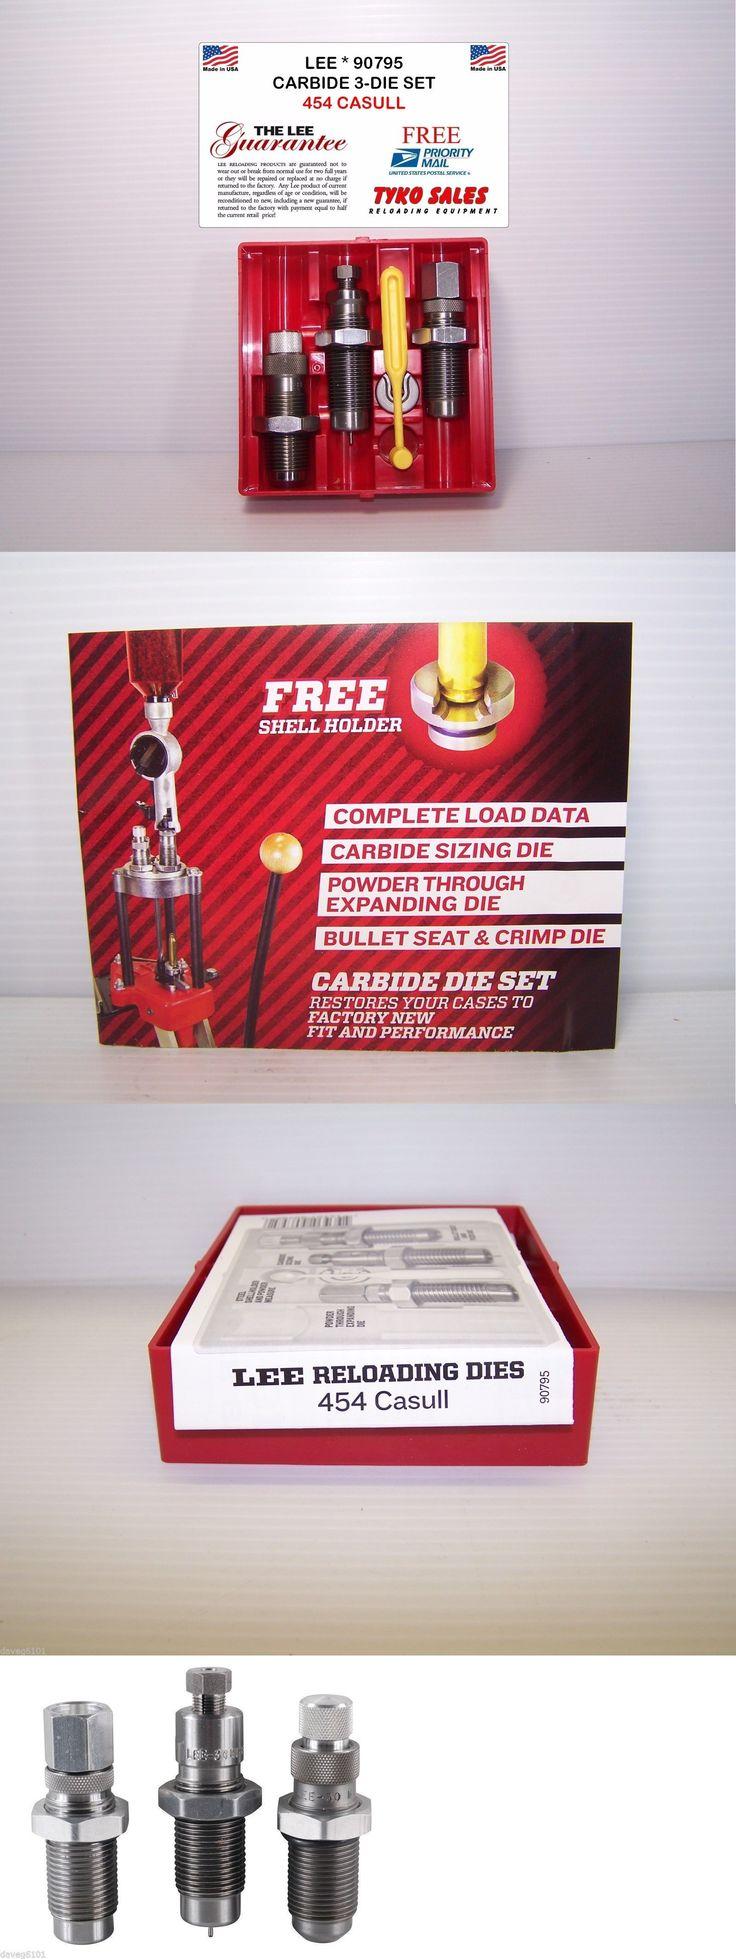 Dies 31825: 90795 * Lee Carbide 3-Die Set * 454 Casull -> BUY IT NOW ONLY: $32.95 on eBay!